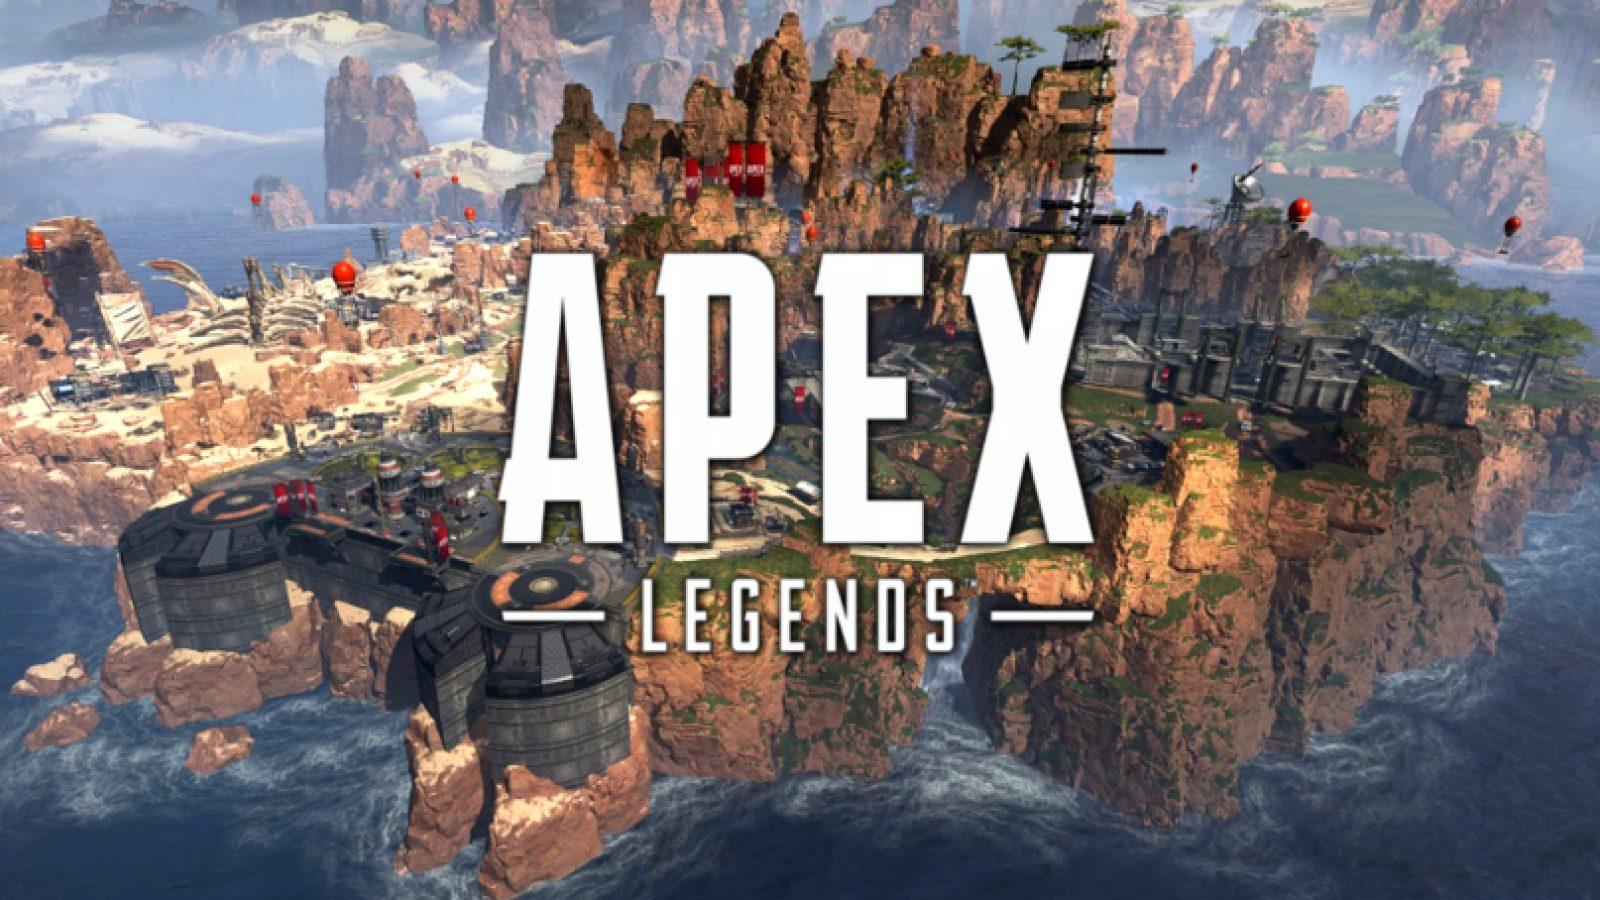 Apex Legendsko 16 mila jokalari debekatu zituzten!